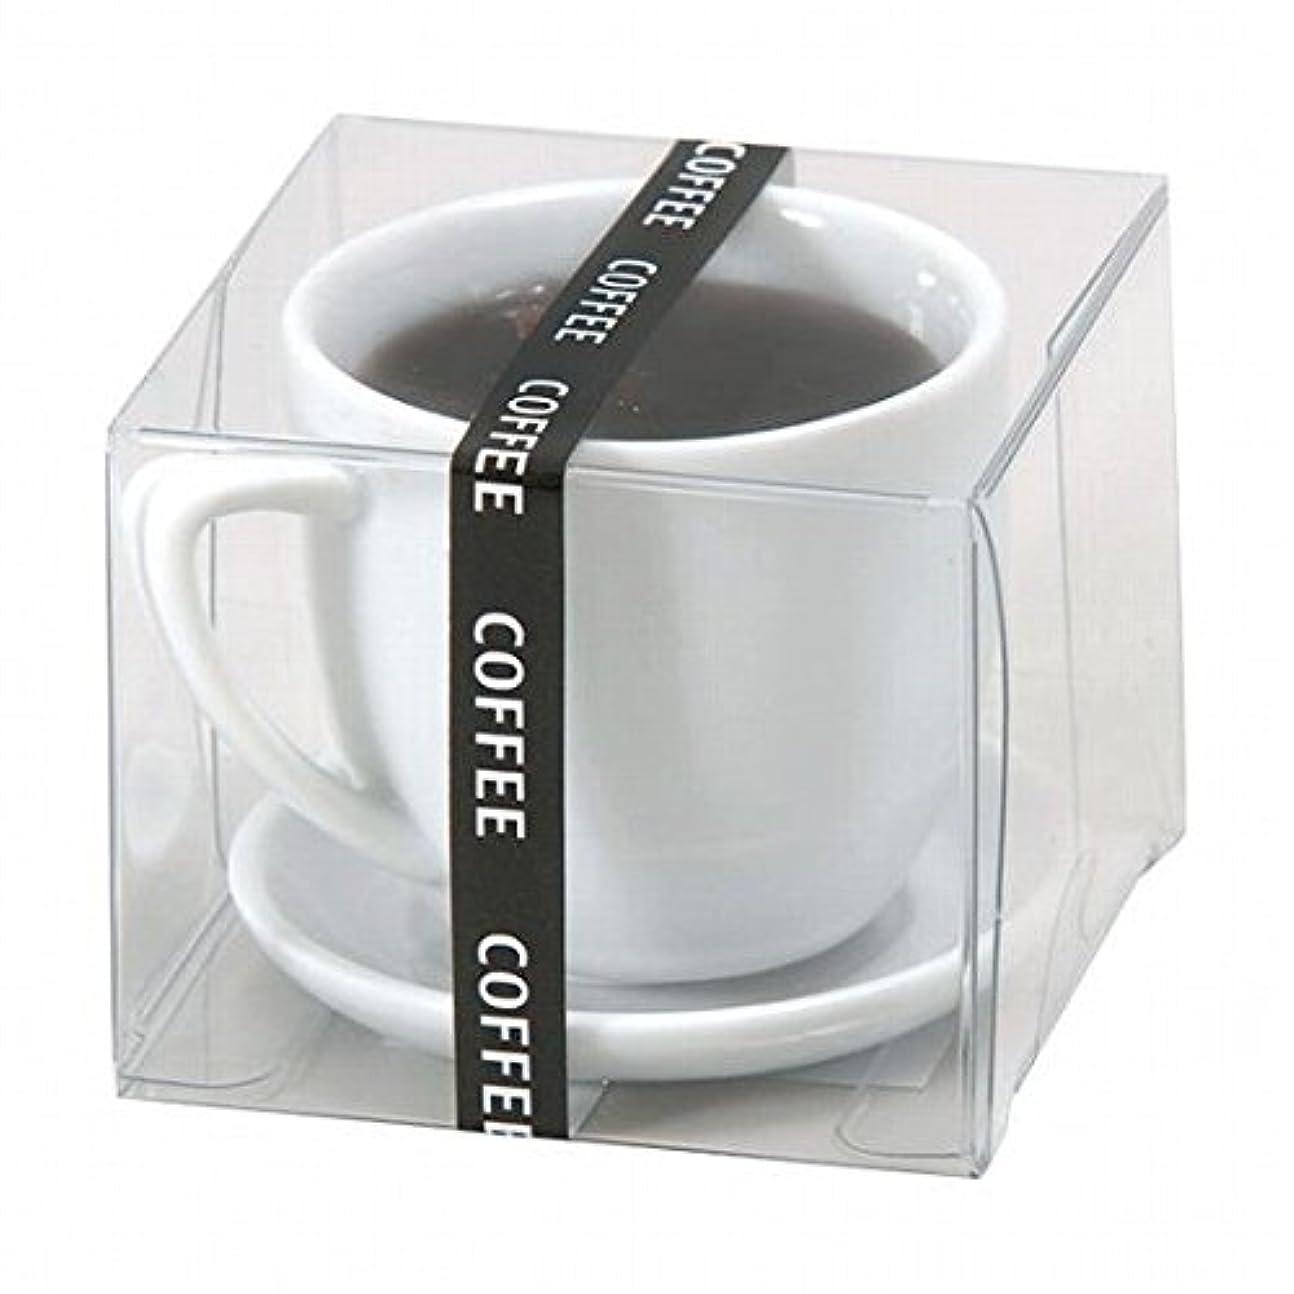 カセット恐怖症ラインナップkameyama candle(カメヤマキャンドル) ホットコーヒー キャンドル(55890000)